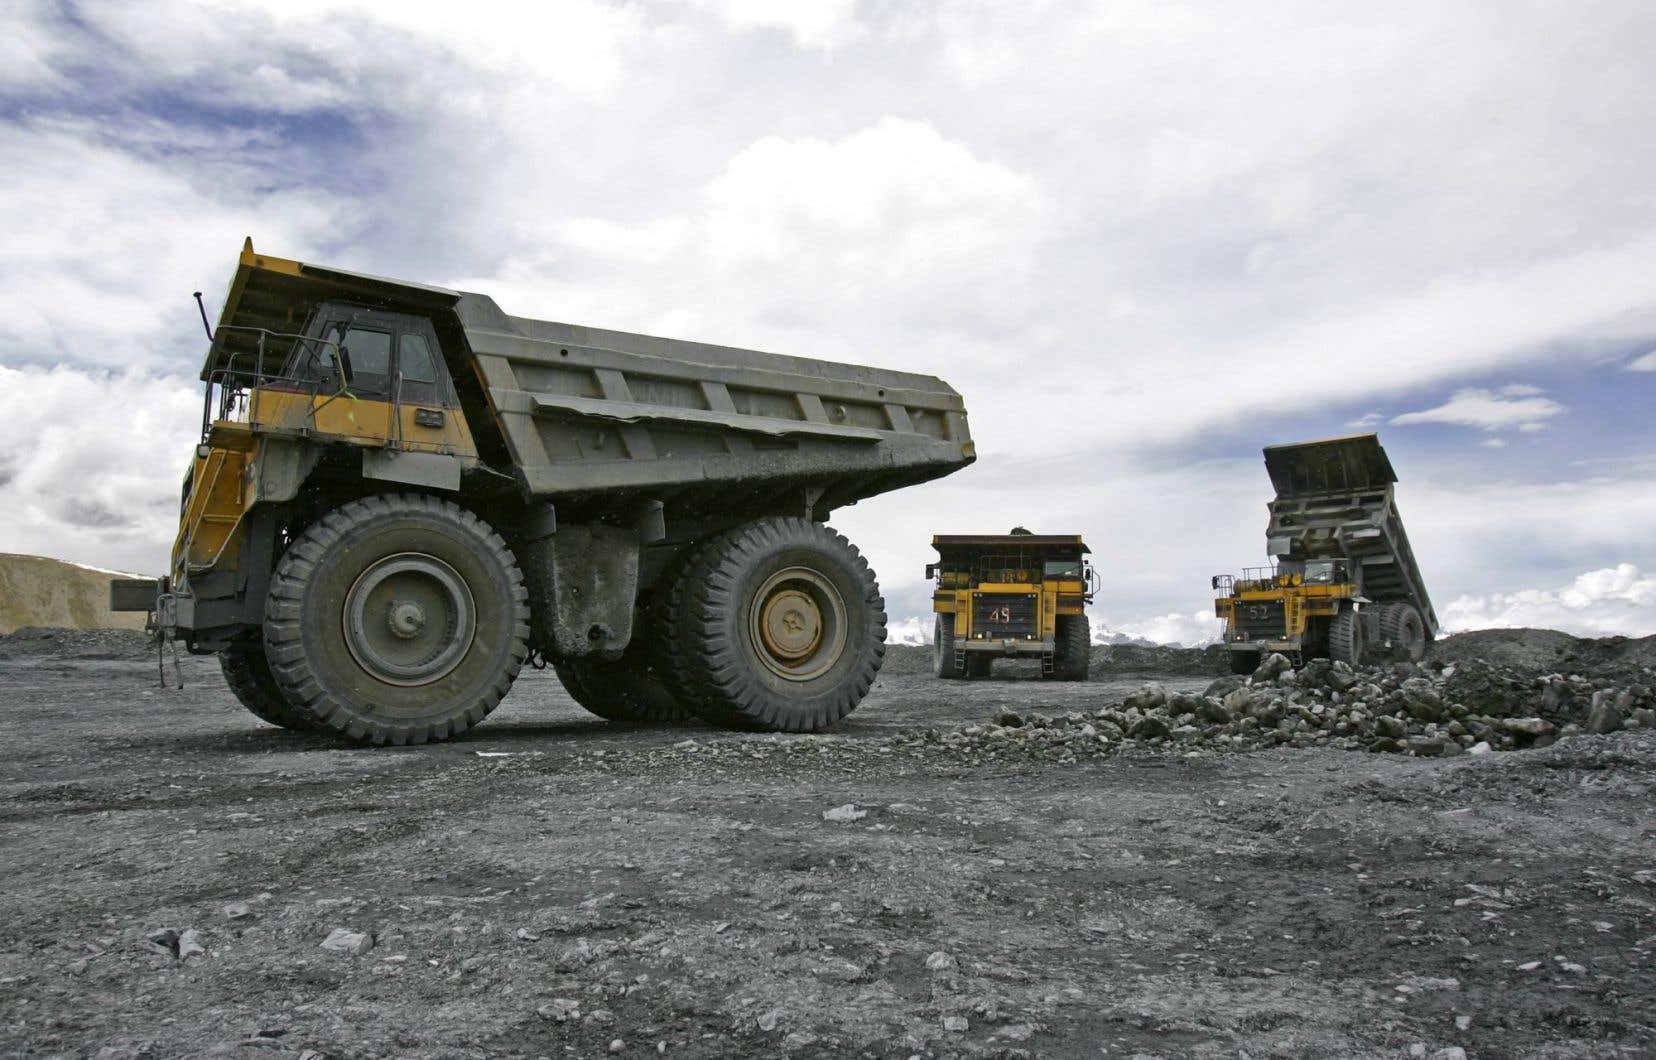 Le projet de Ressources Strateco, situé au nord de Chibougamau, s'était vu refuser dès 2013 les autorisations nécessaires pour poursuivre les travaux d'exploration.